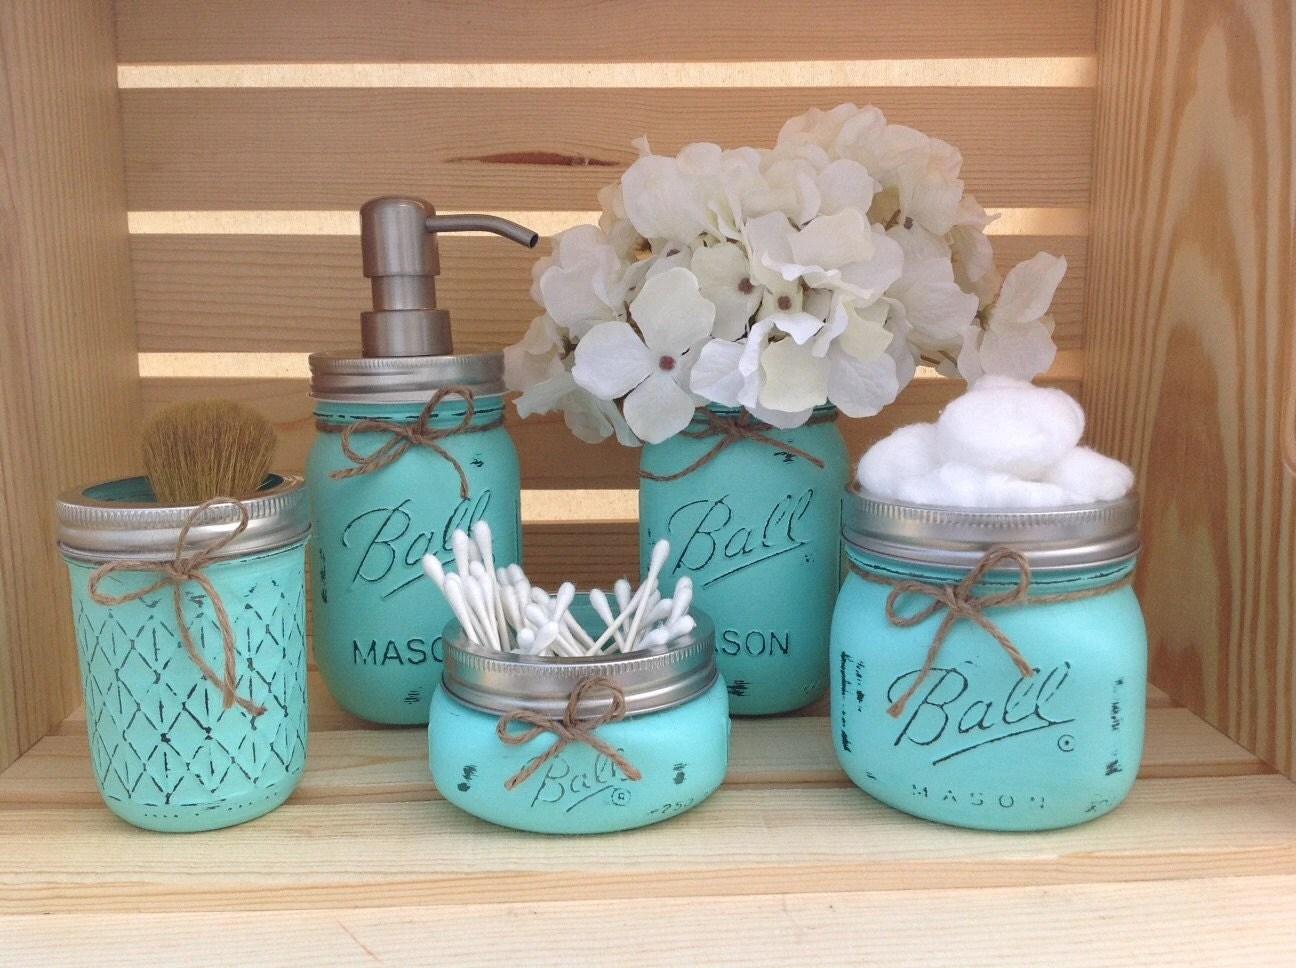 Mason Jar Bathroom Set Mason Jars Bathroom Decor Bridal by